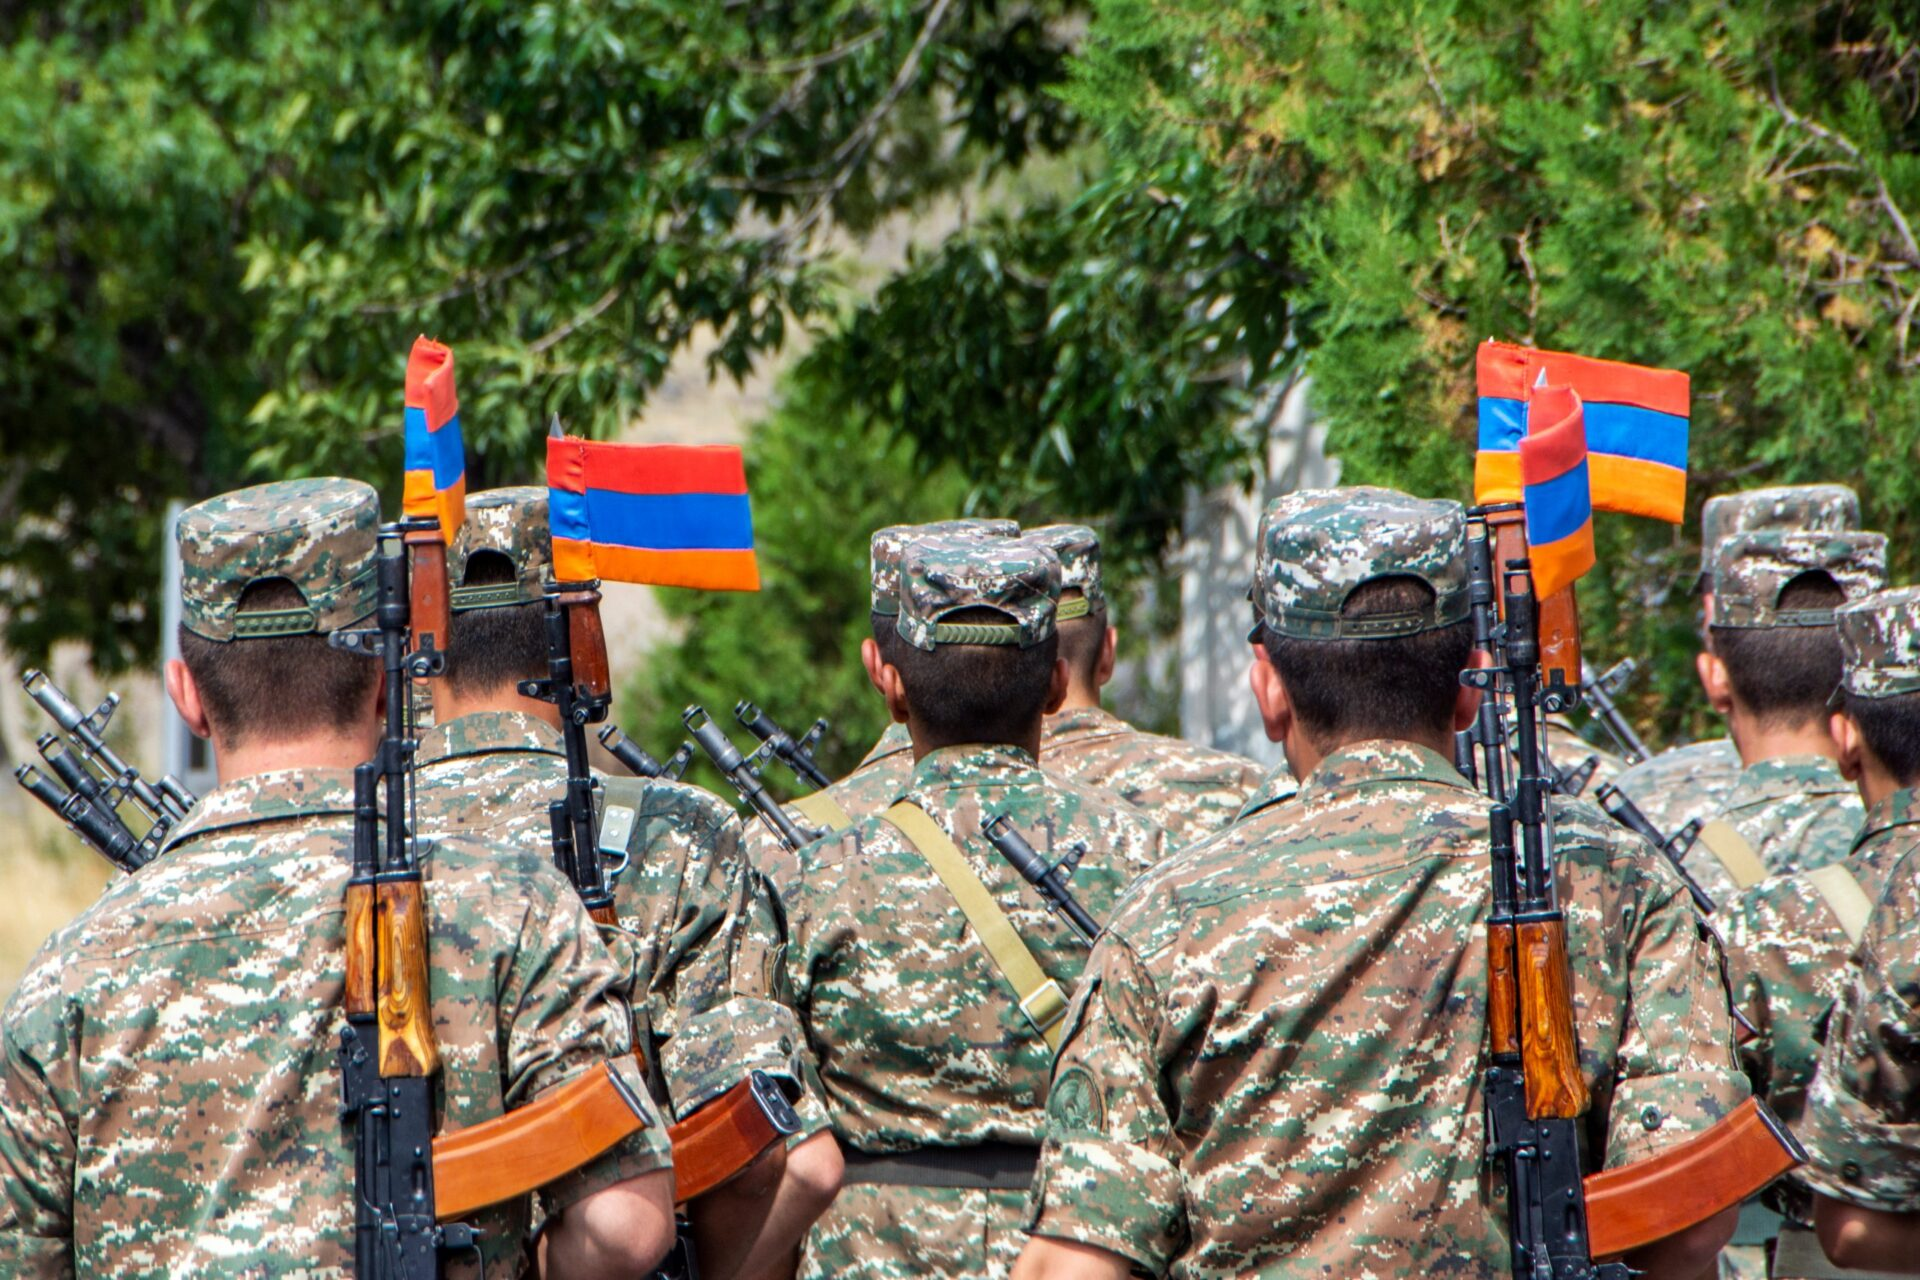 ΕΚΤΑΚΤΟ: ΜΑΧΗ με απώλειες και ΑΠΕΙΛΕΣ για πόλεμο στην Αρμενία